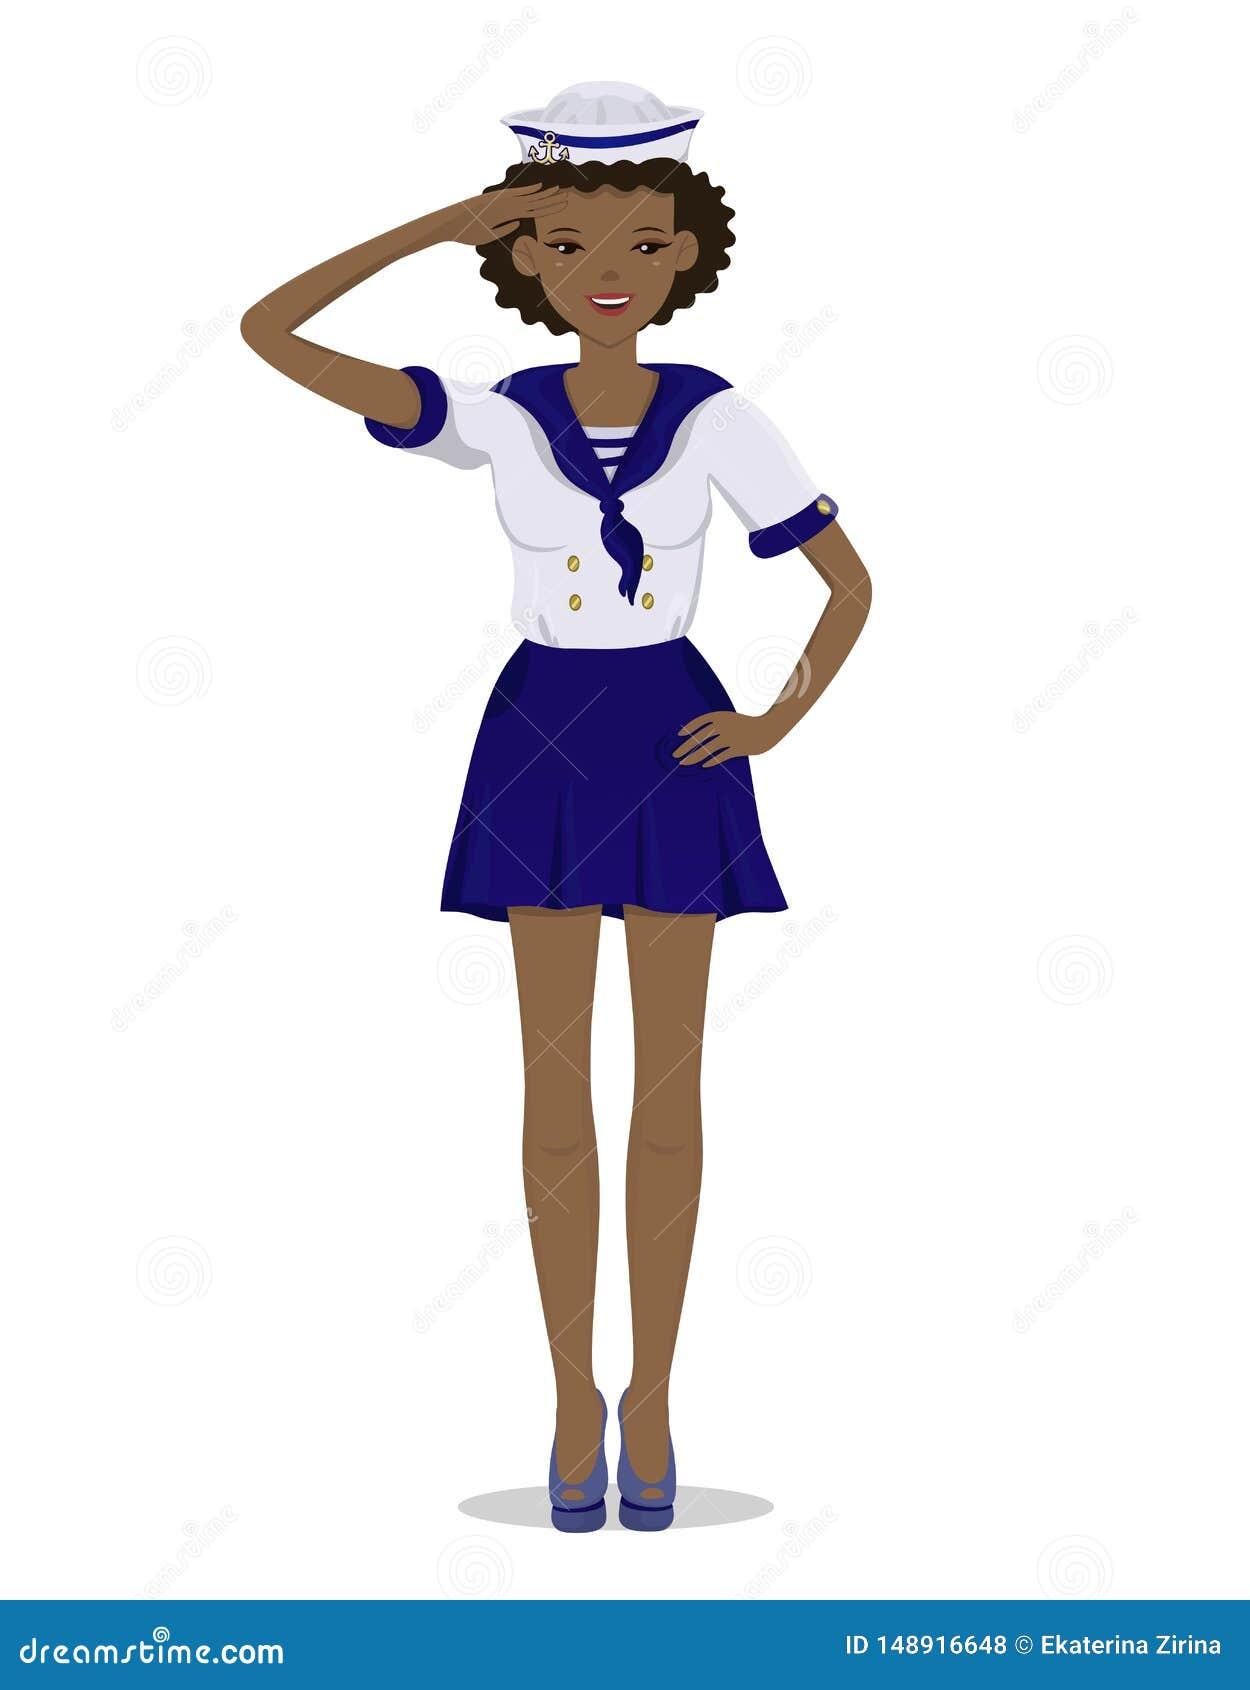 La ragazza pelata scura in un uniforme del marinaio nella piena crescita Immagine di vettore isolata su fondo bianco